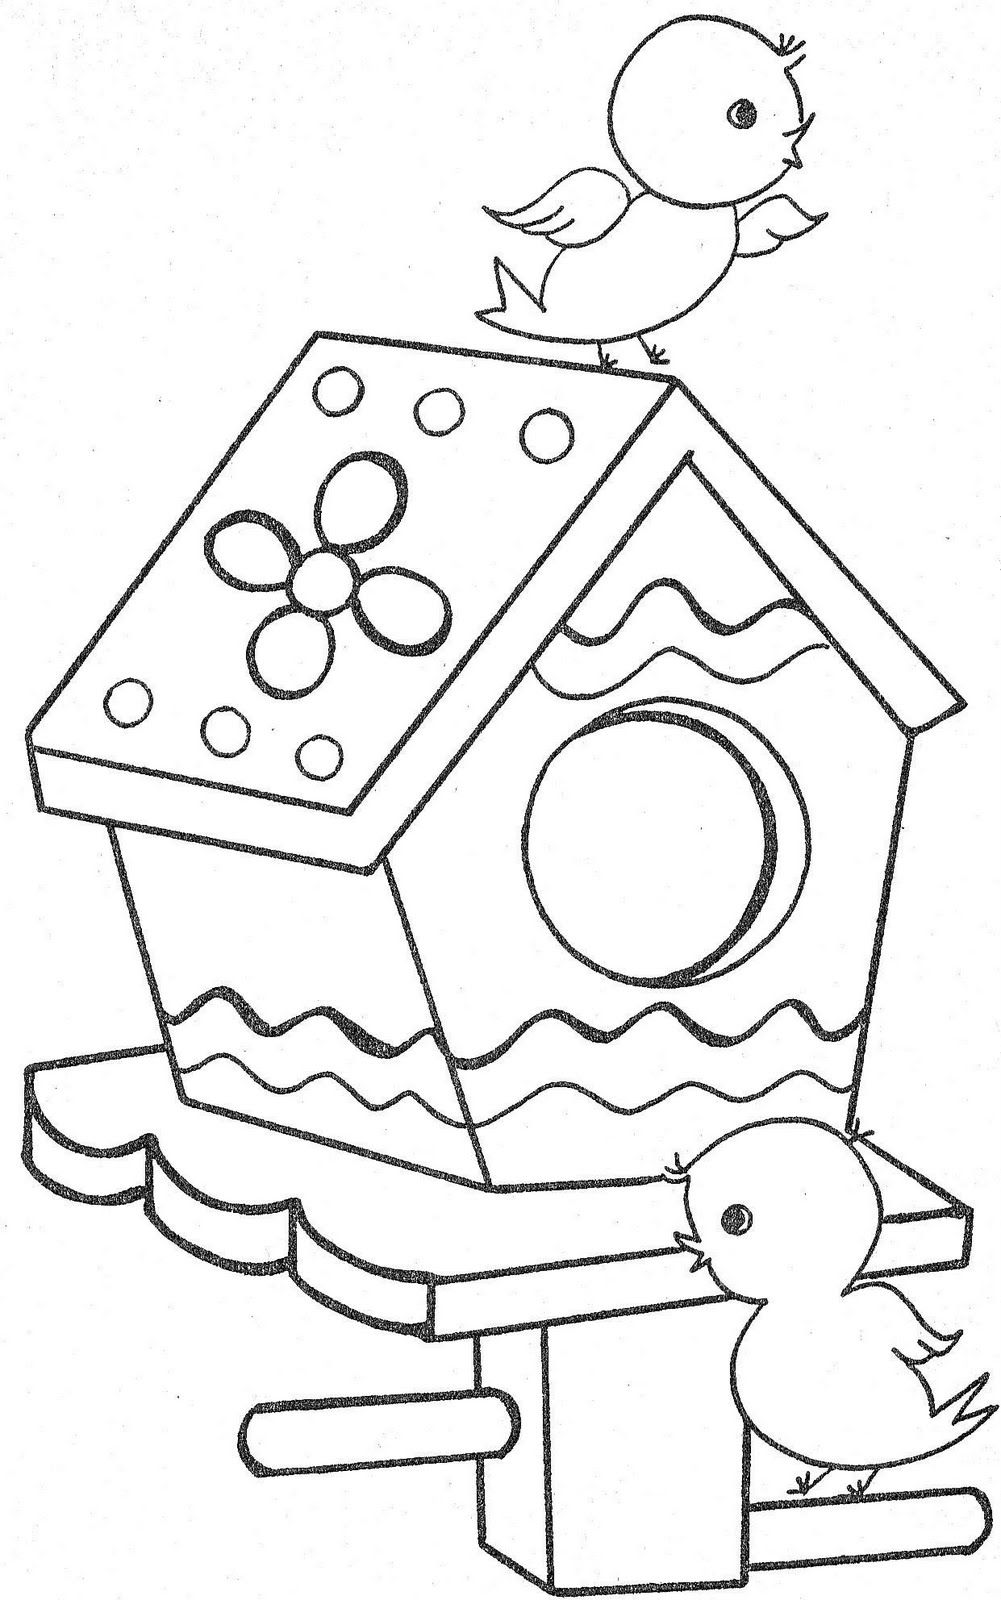 Oiseaux sur niche colorier coloriages pour les enfants - Coloriage niche ...